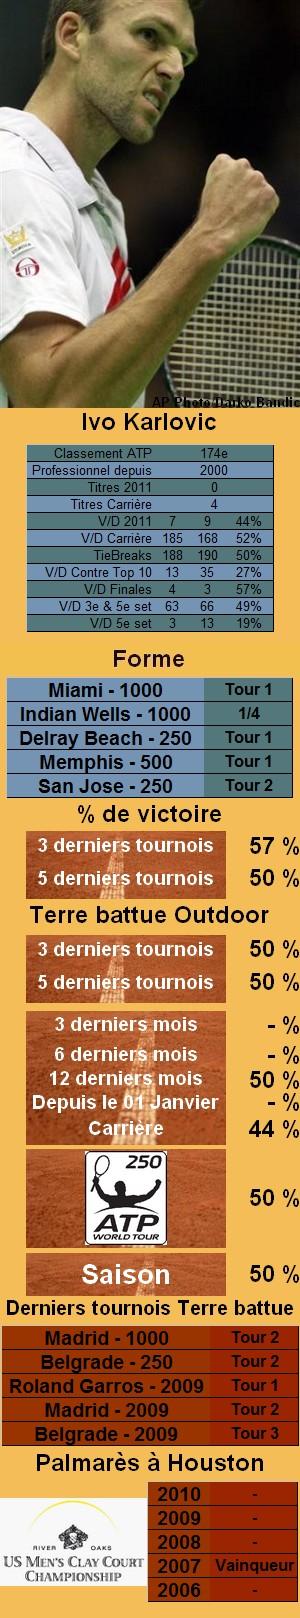 Les statistiques tennis de Ivo Karlovic pour le tournoi de Houston